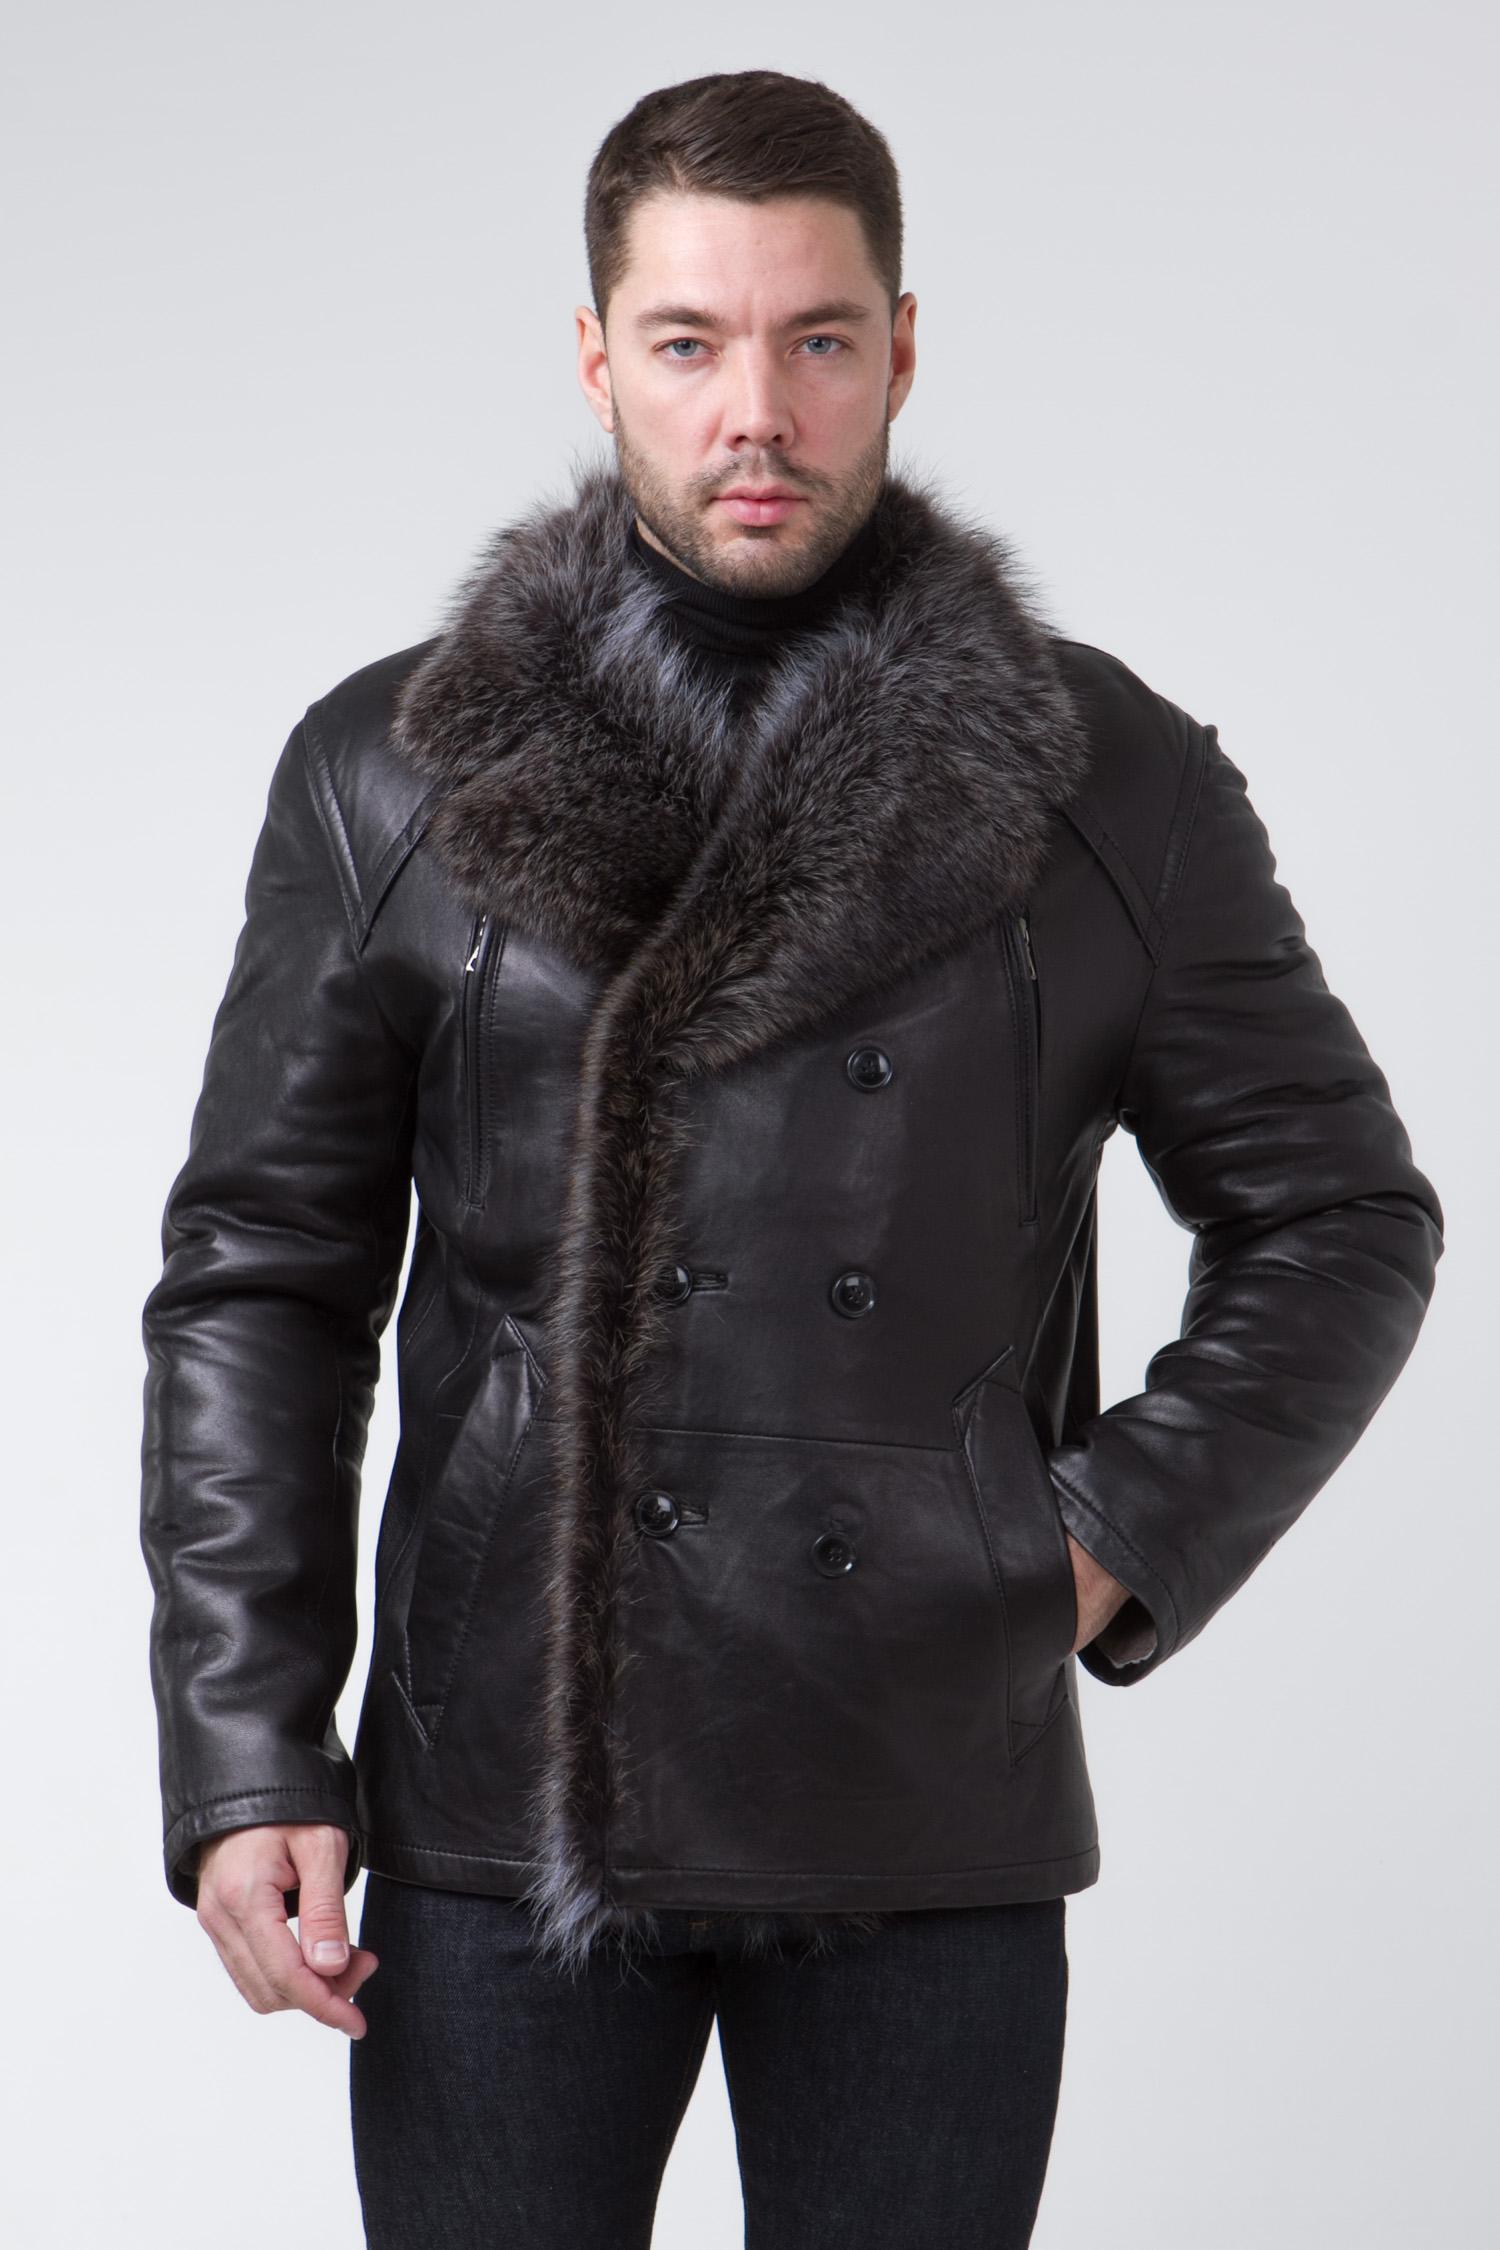 Мужская кожаная куртка из натуральной кожи на меху с воротником, отделка енот<br><br>Воротник: английский<br>Длина см: Длинная (свыше 90)<br>Материал: Кожа овчина<br>Цвет: черный<br>Вид застежки: двубортная<br>Застежка: на пуговицы<br>Пол: Мужской<br>Размер RU: 58